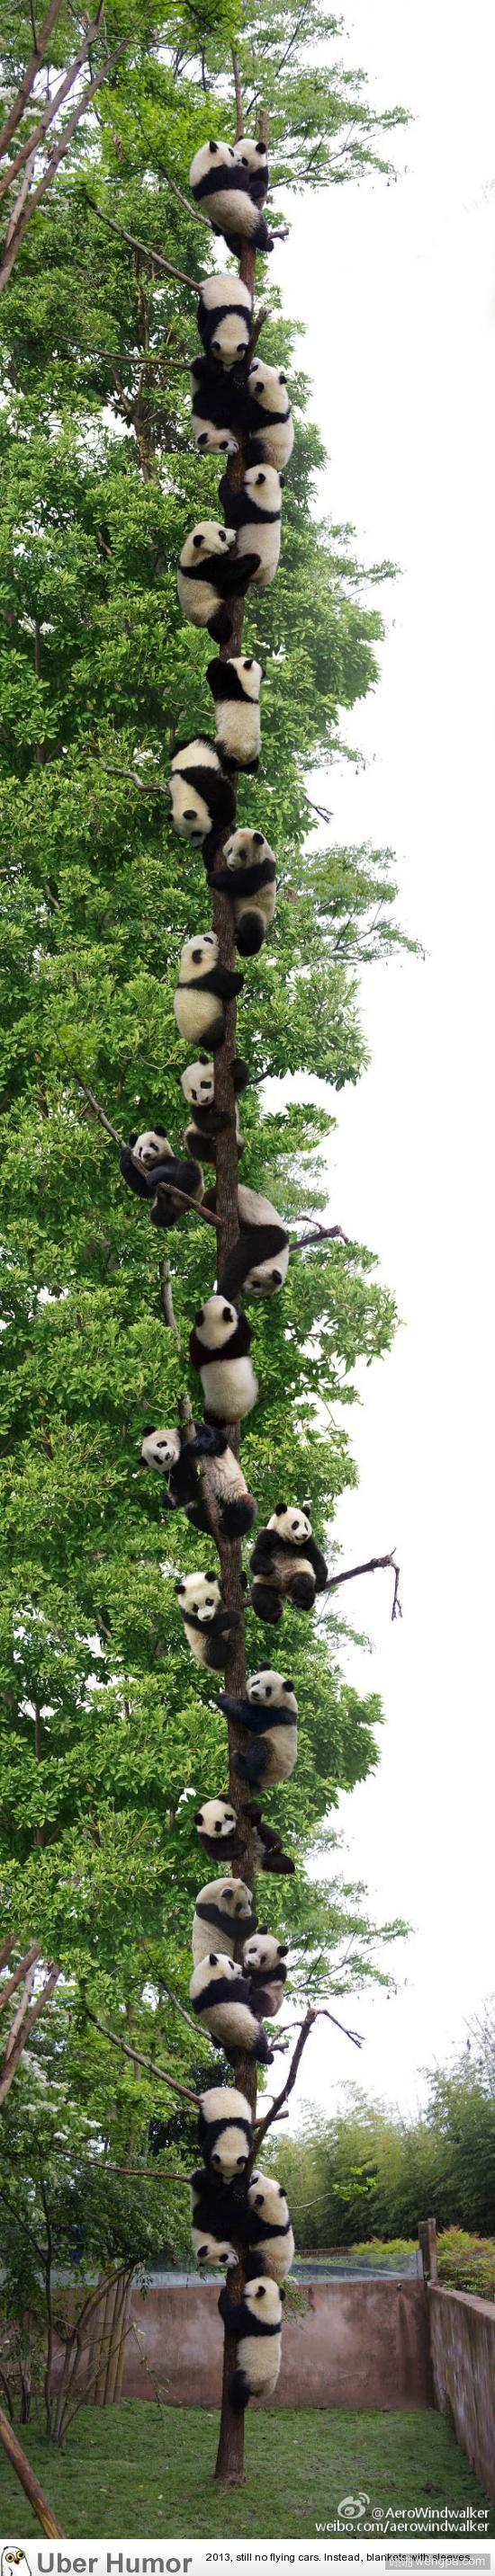 树上结满了熊猫